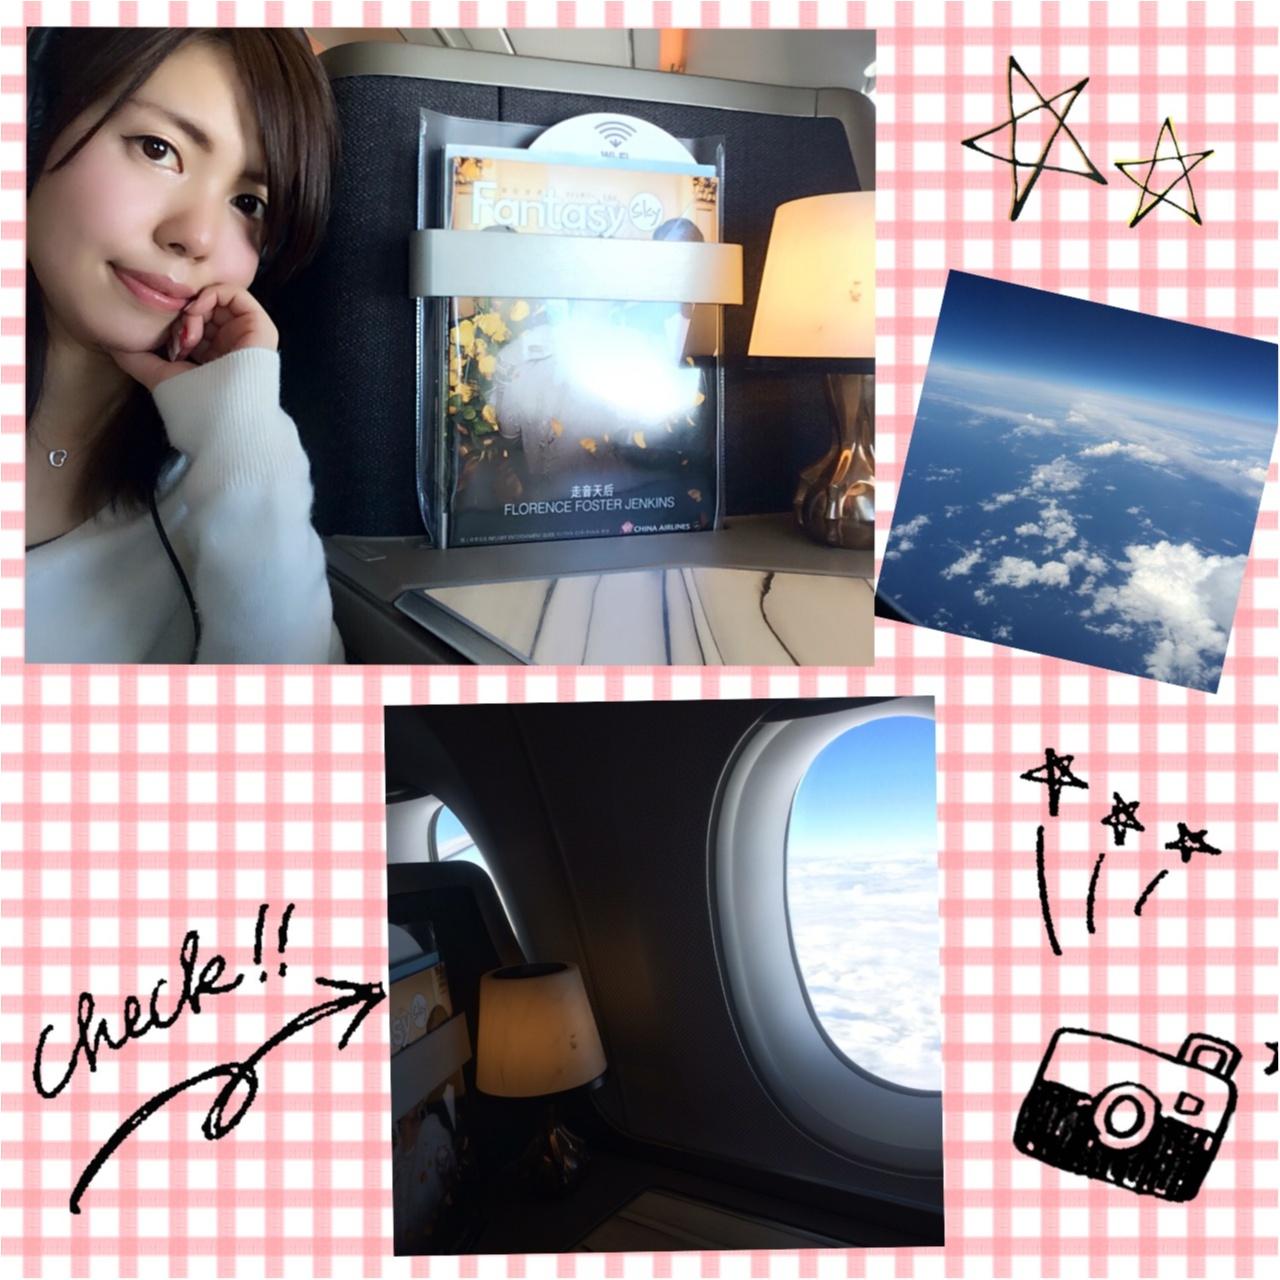 【vacation】日本にはまだない!最新ジェット機エアバスA350のビジネスクラスシートでゆったりトリップ♡_1